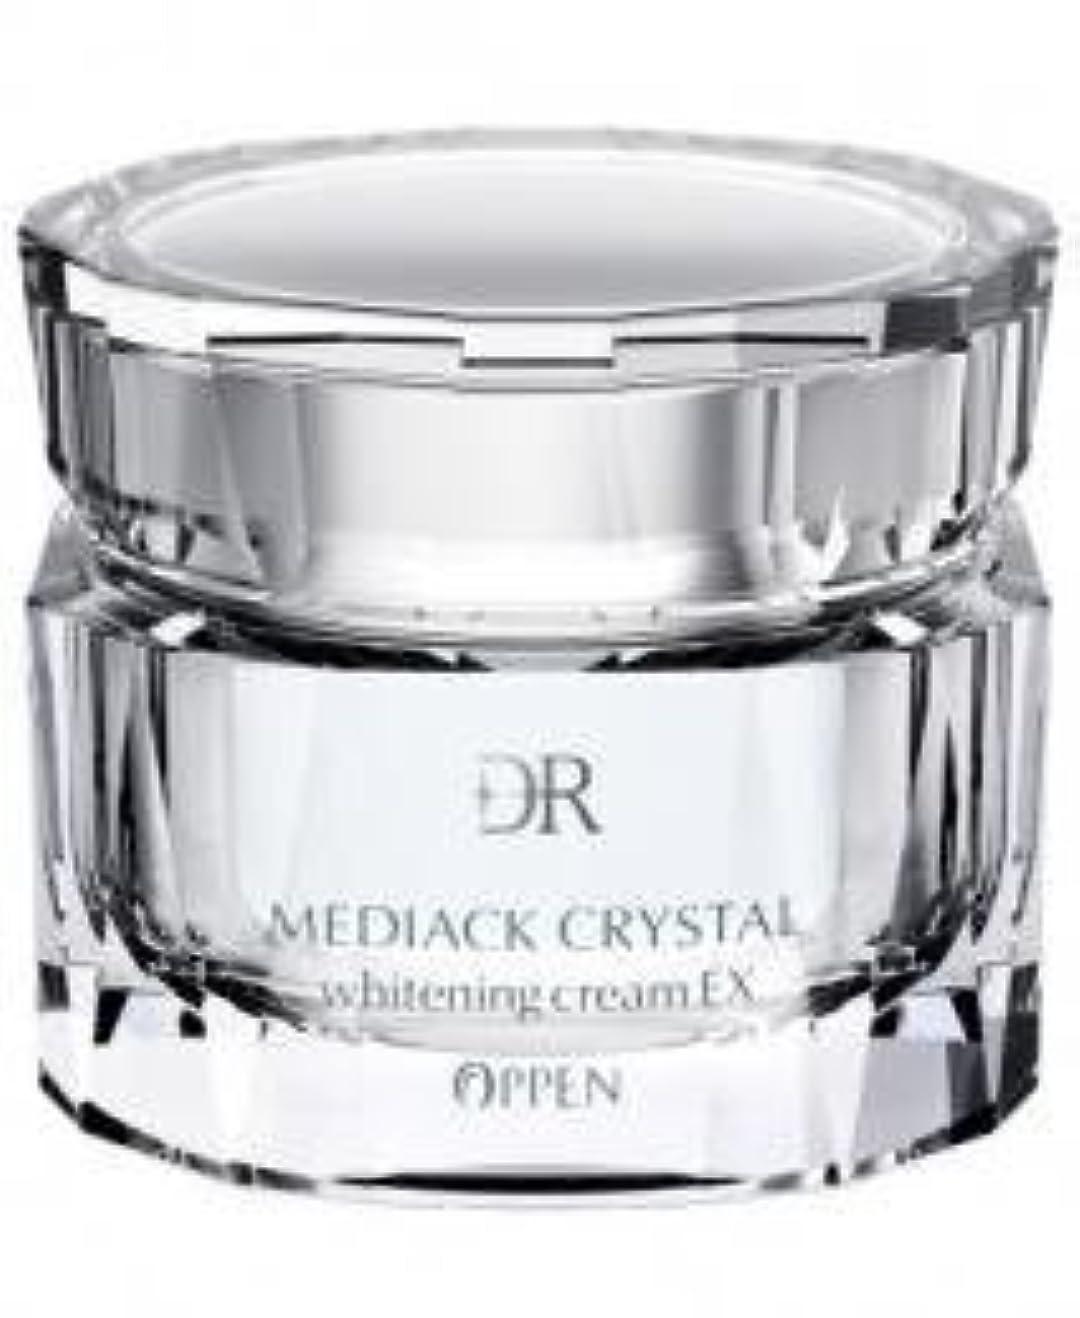 デコレーションワークショップ締めるオッペン化粧品【OPPEN】 DRメディアッククリスタル ホワイトニングクリーム 35g